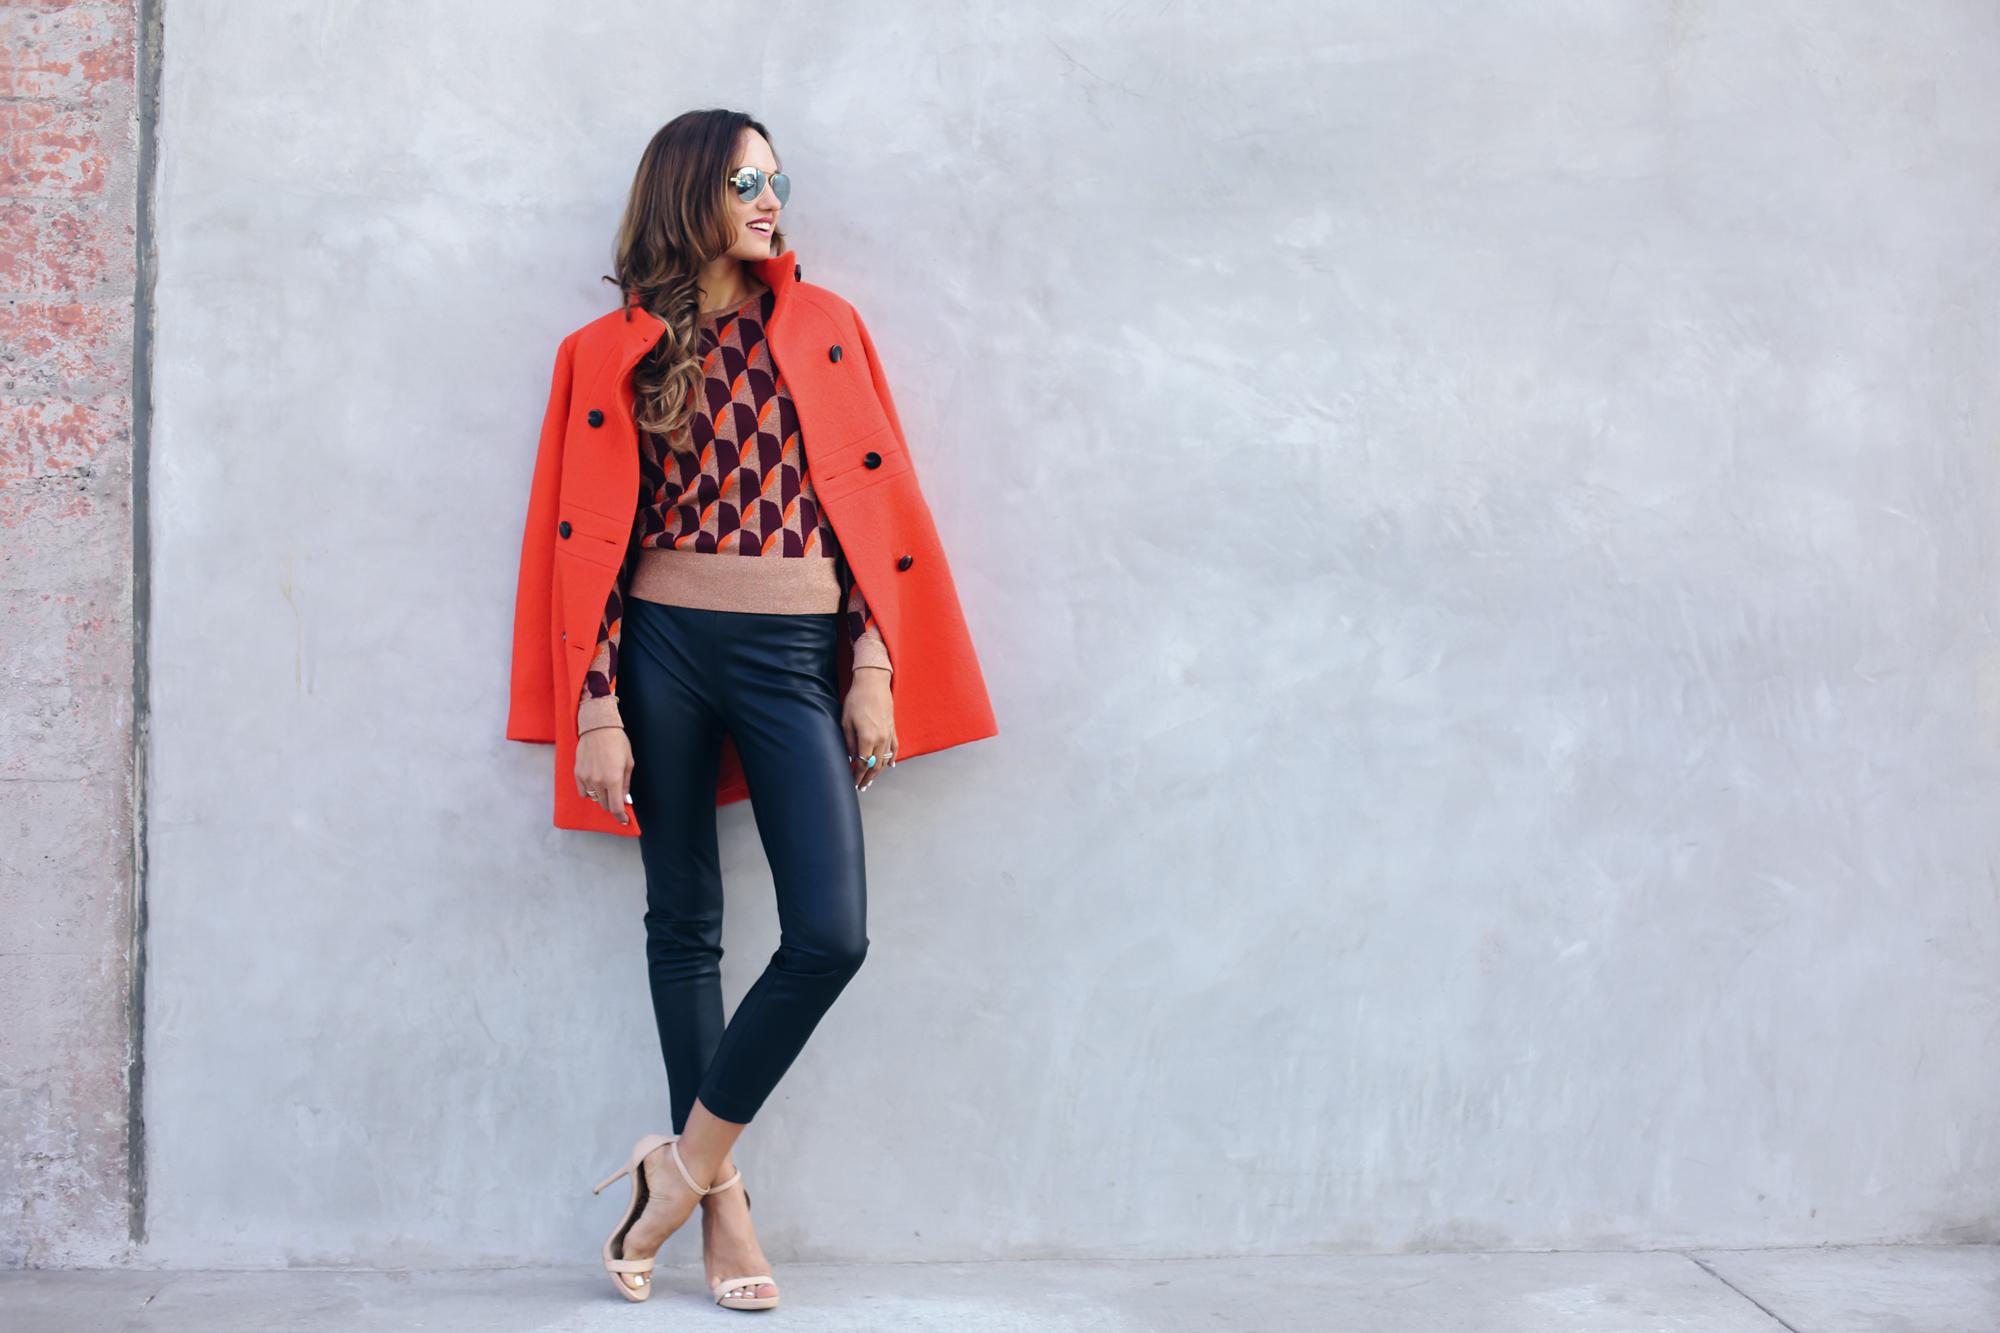 1-orange-jacket-ann-taylor-shalice-noel-ryanbyryanchua-7584